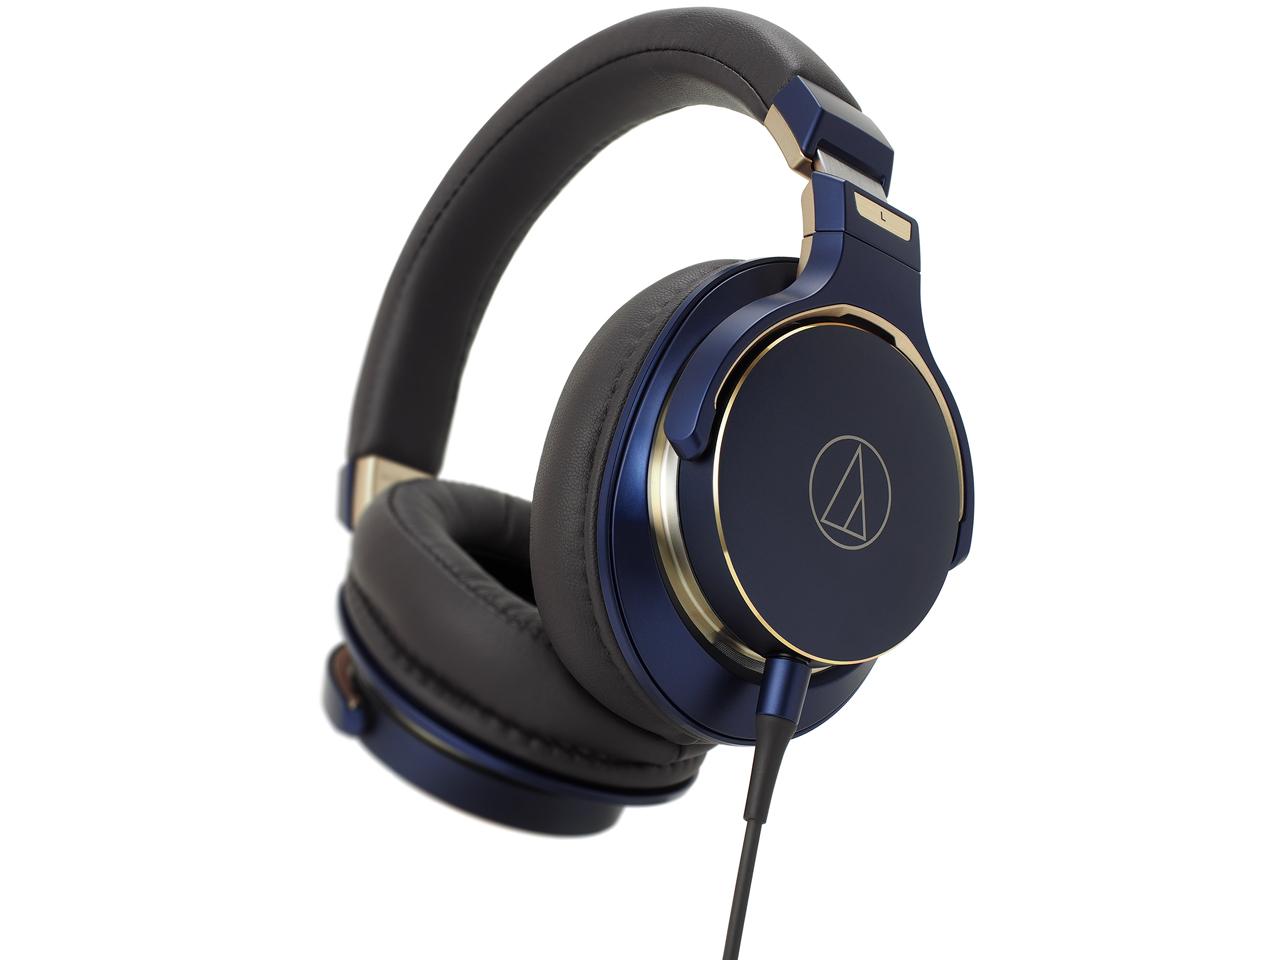 『本体1』 Sound Reality ATH-MSR7SE の製品画像